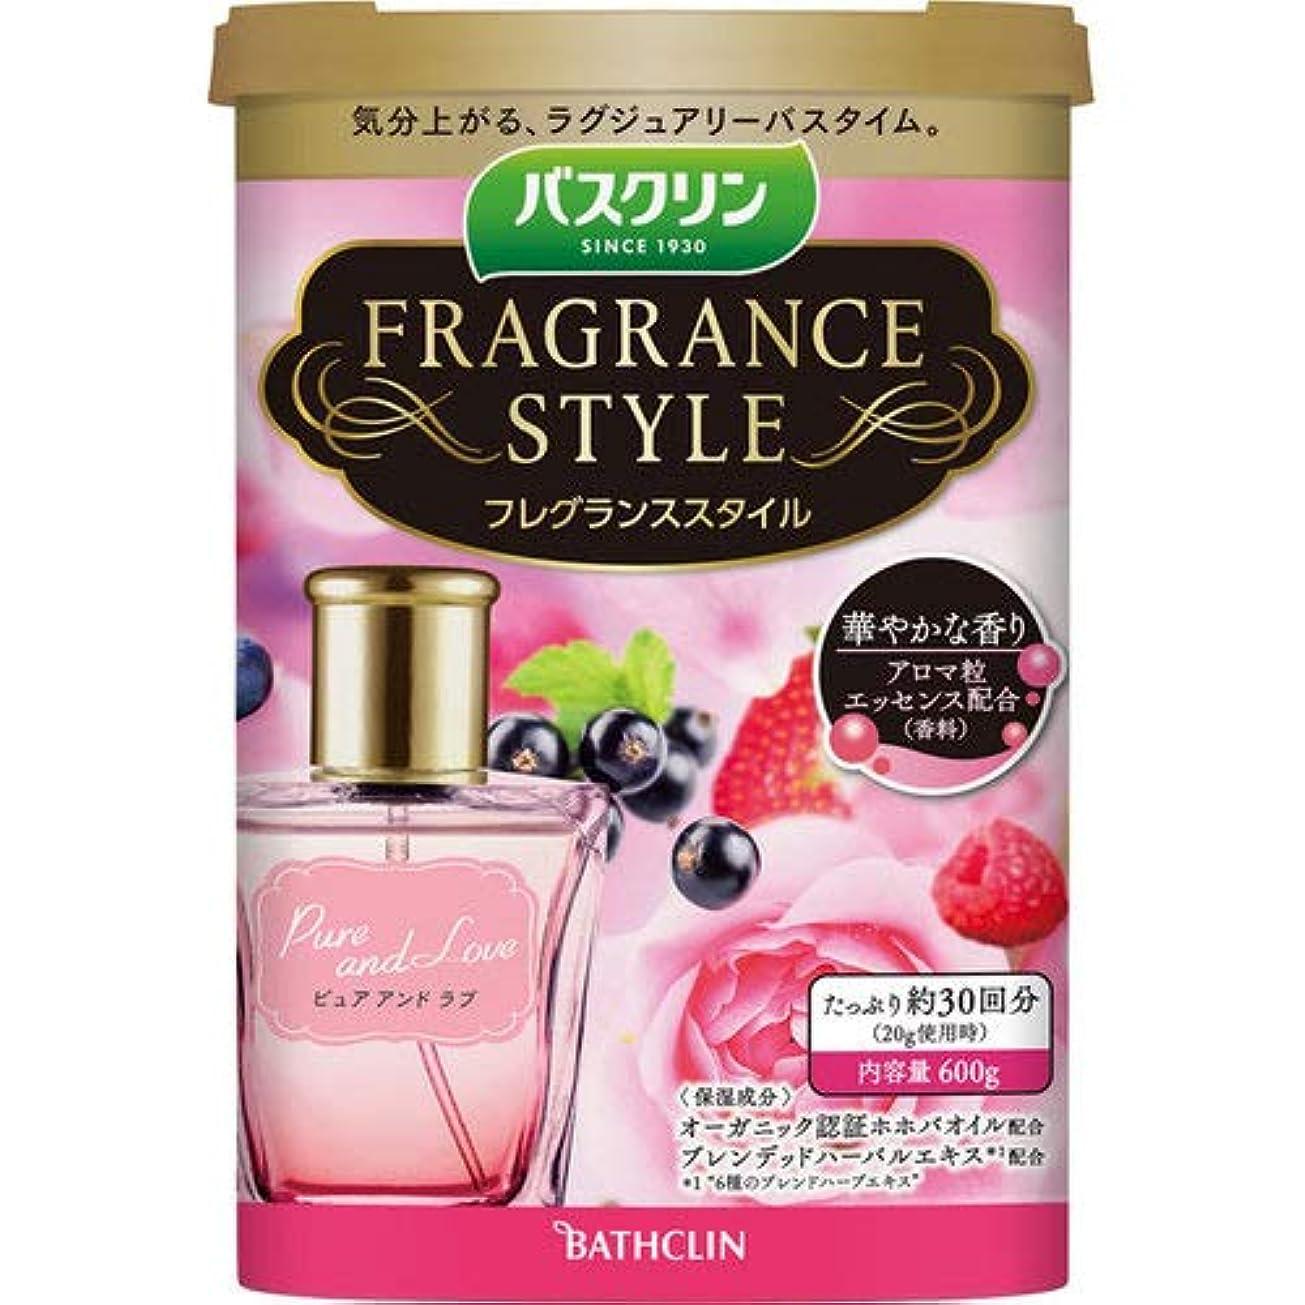 エレガントミットオーブンバスクリンフレグランススタイルピュア アンド ラブ 入浴剤 フルーティーローズ調の香りの入浴剤 600g